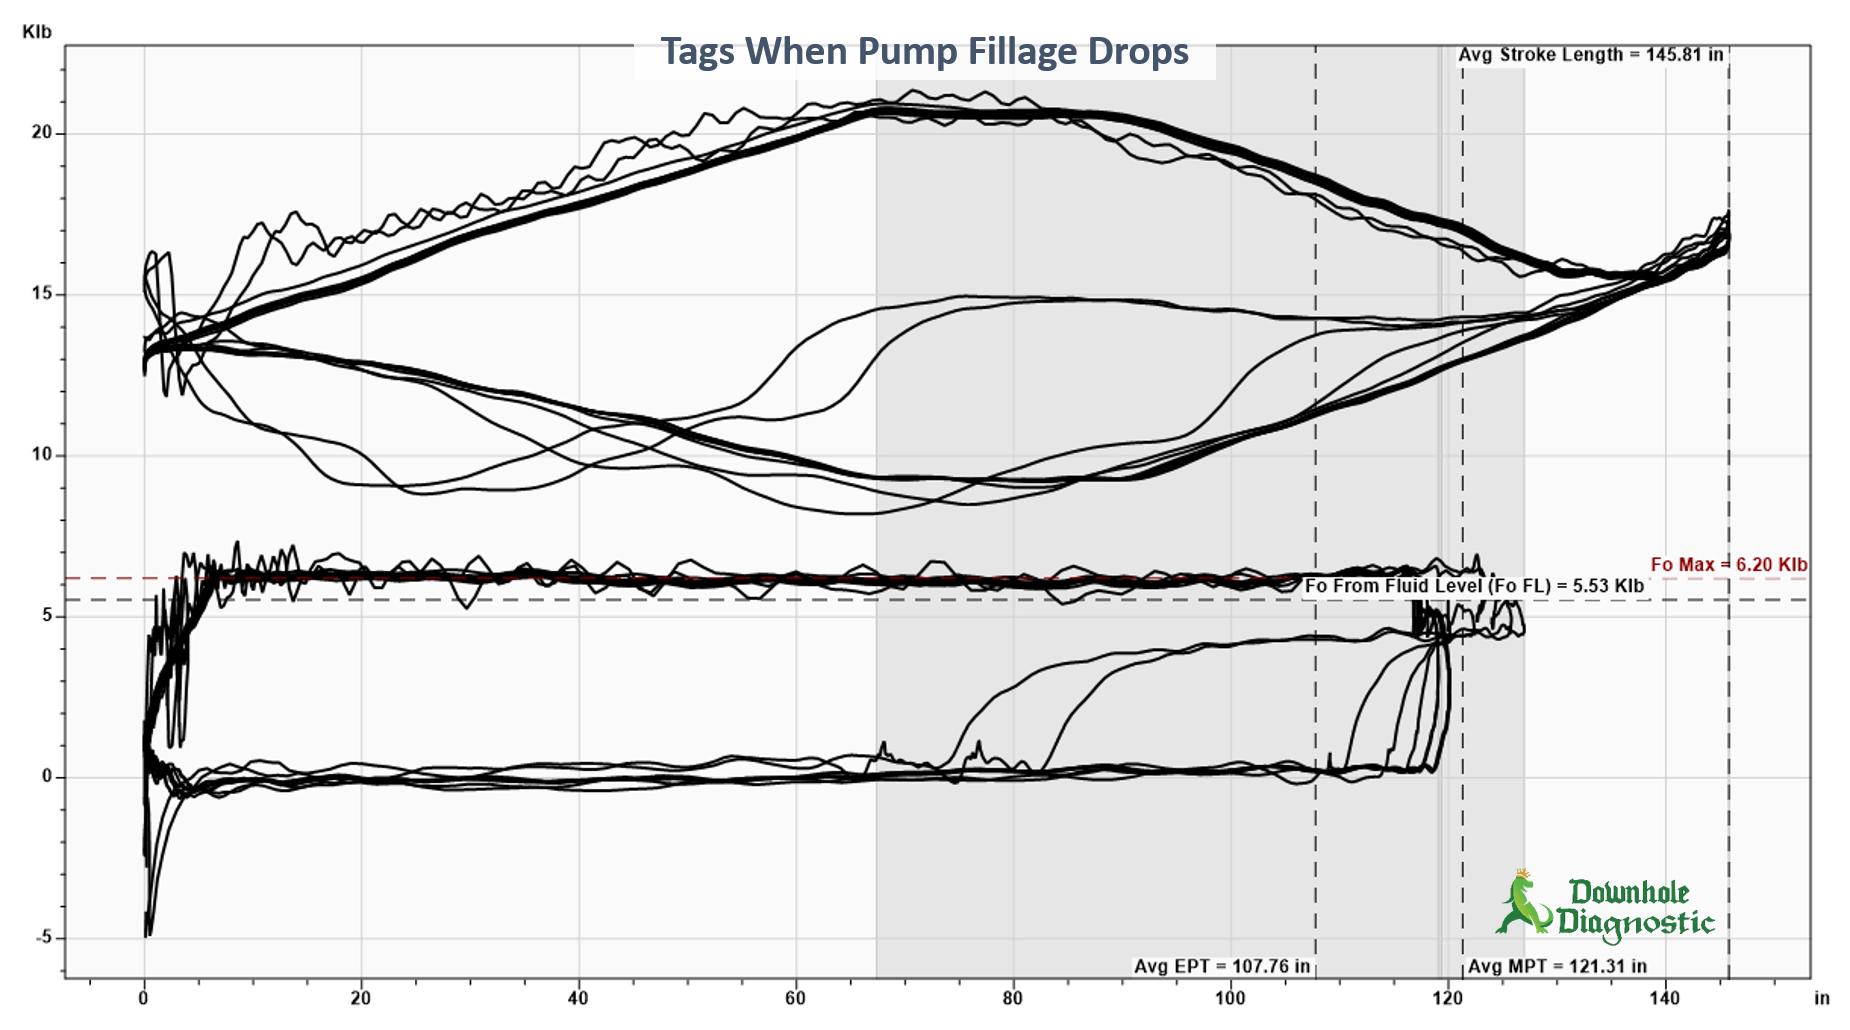 Pump Tag - Based on Fillage